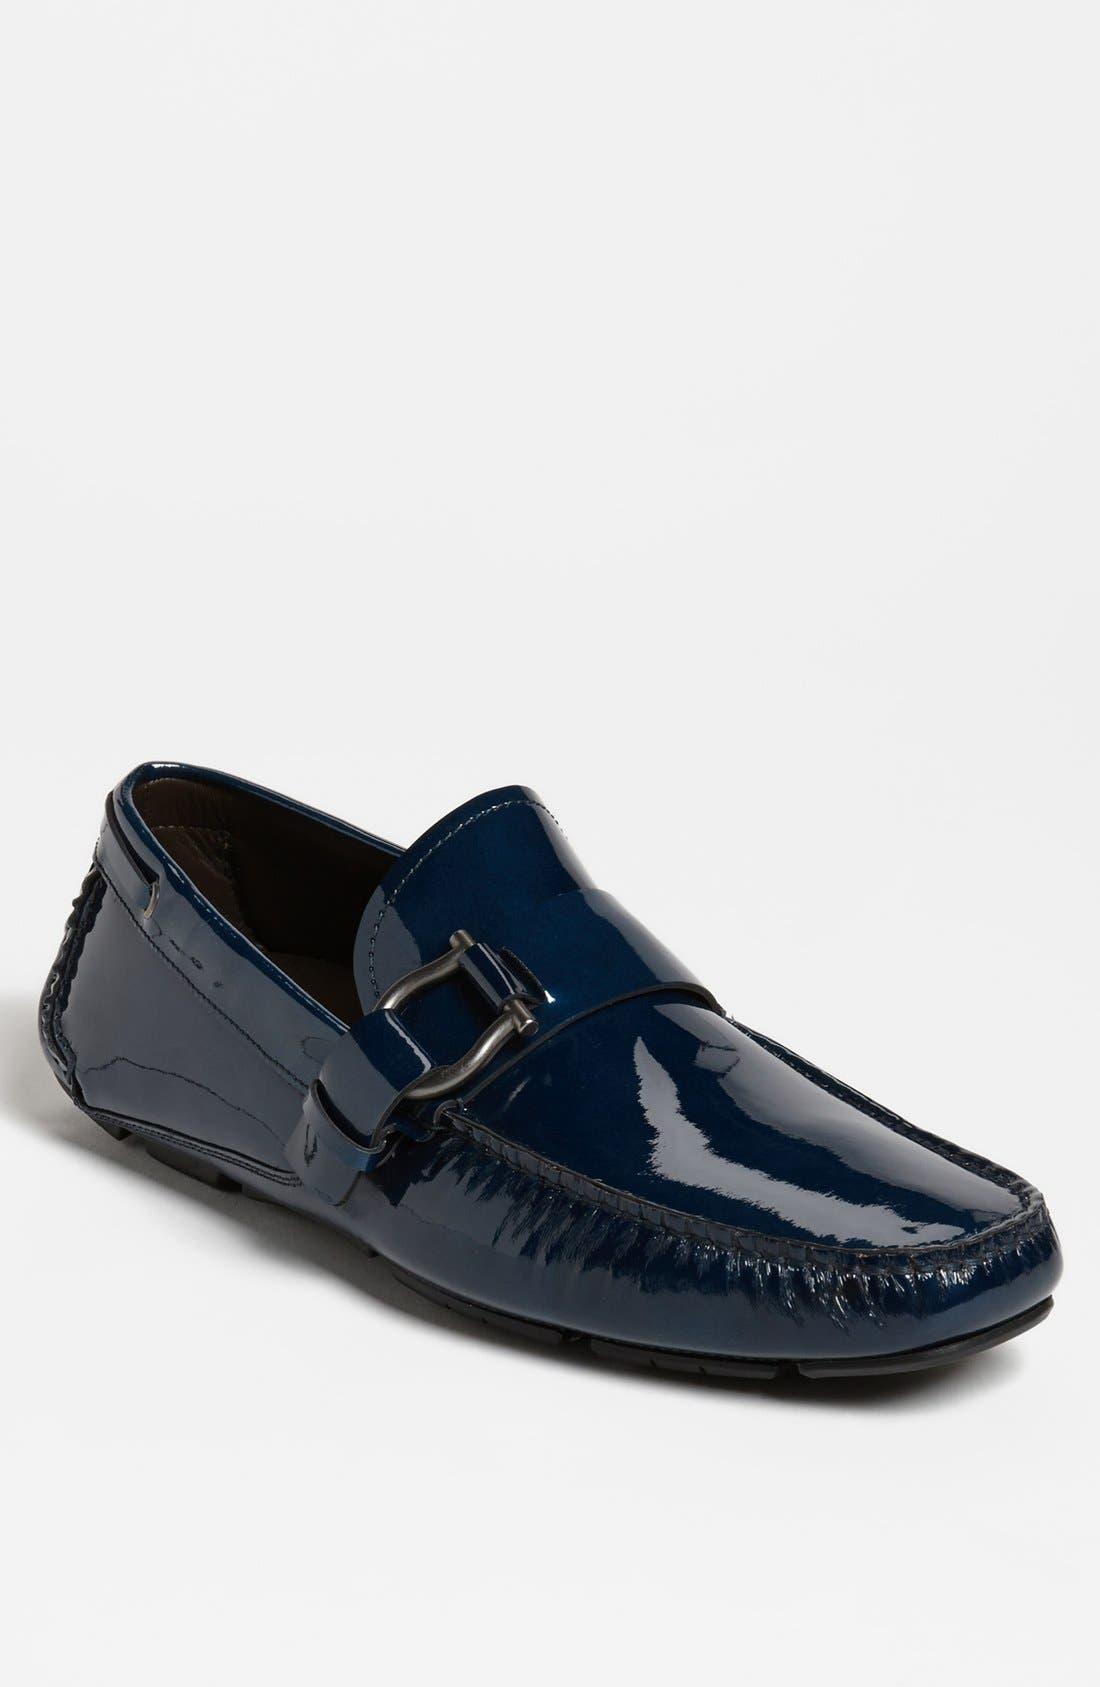 Main Image - Salvatore Ferragamo 'Cabo' Driving Shoe